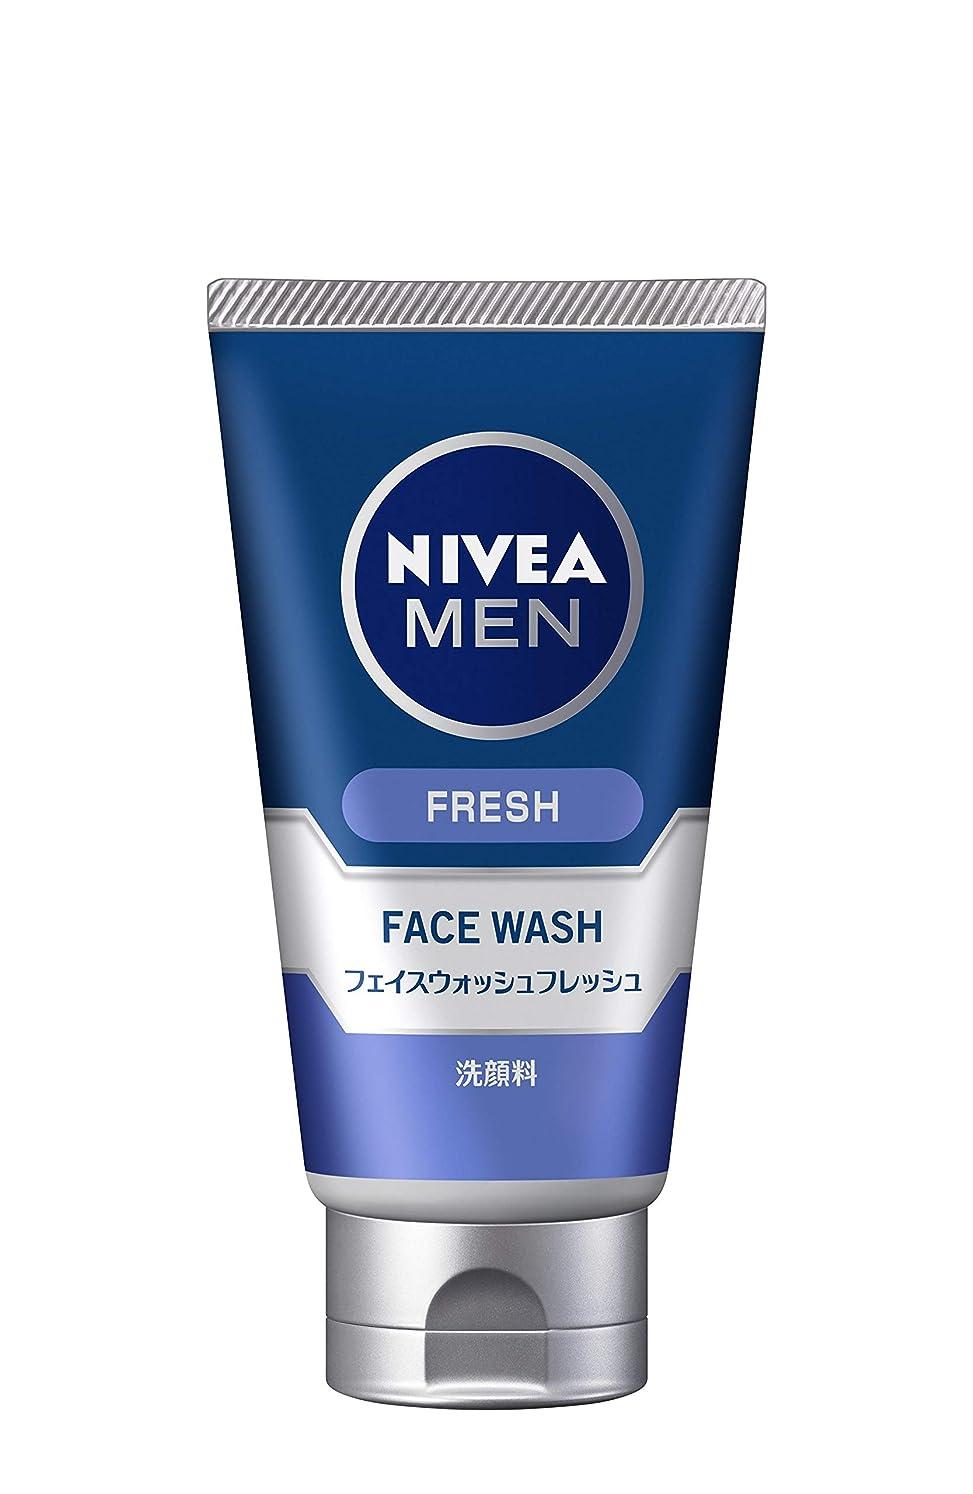 時系列ぴったり分子ニベアメン フェイスウォッシュフレッシュ 100g 男性用 洗顔料